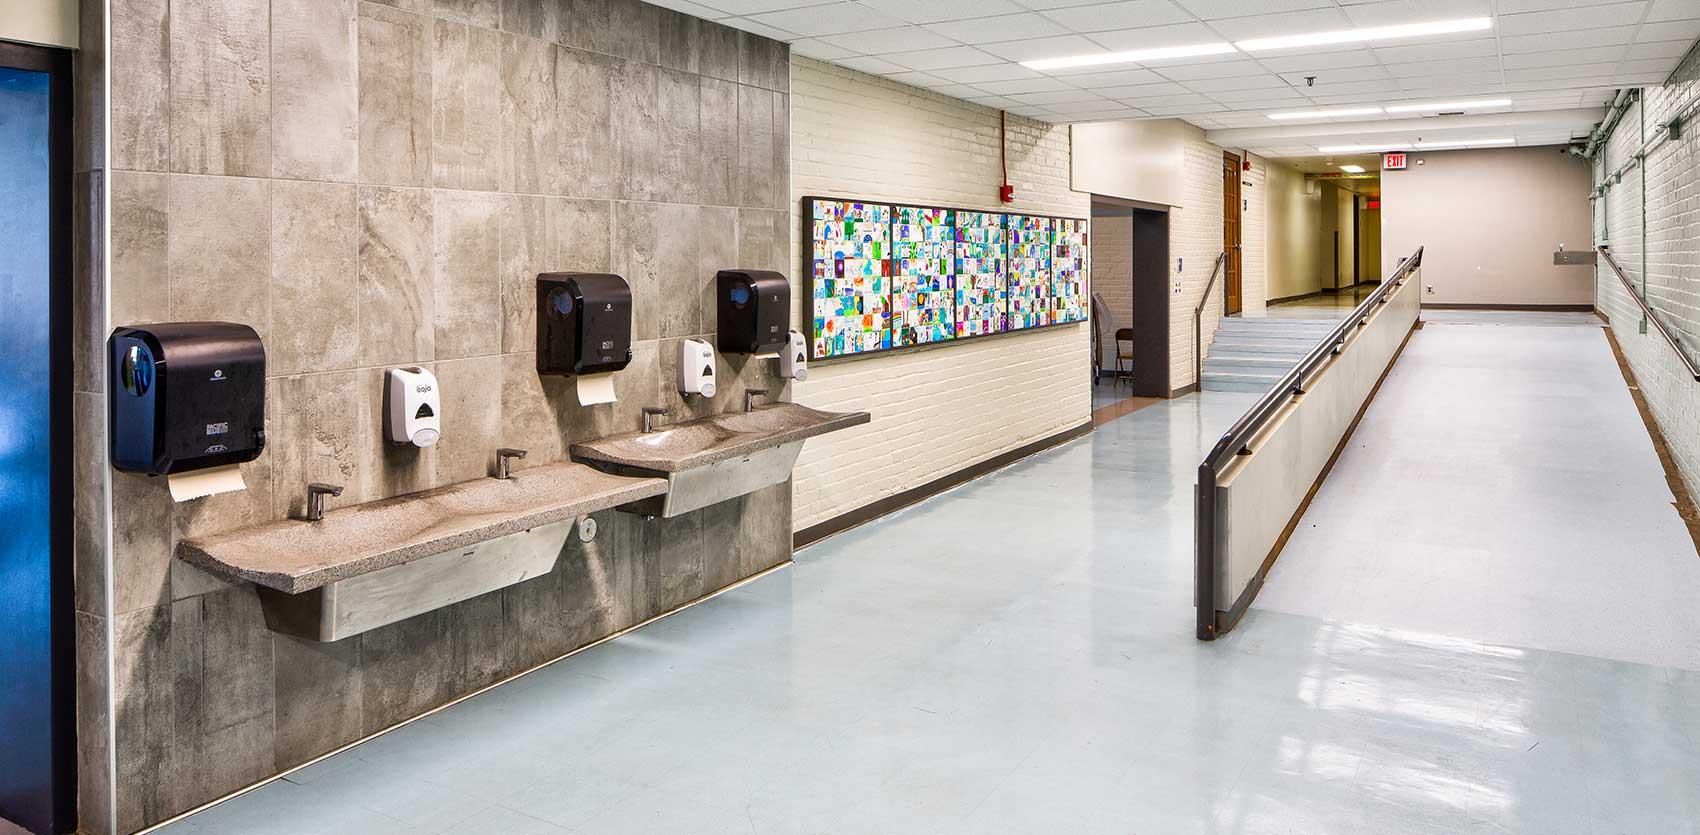 Ericsson-Elementary-School-3